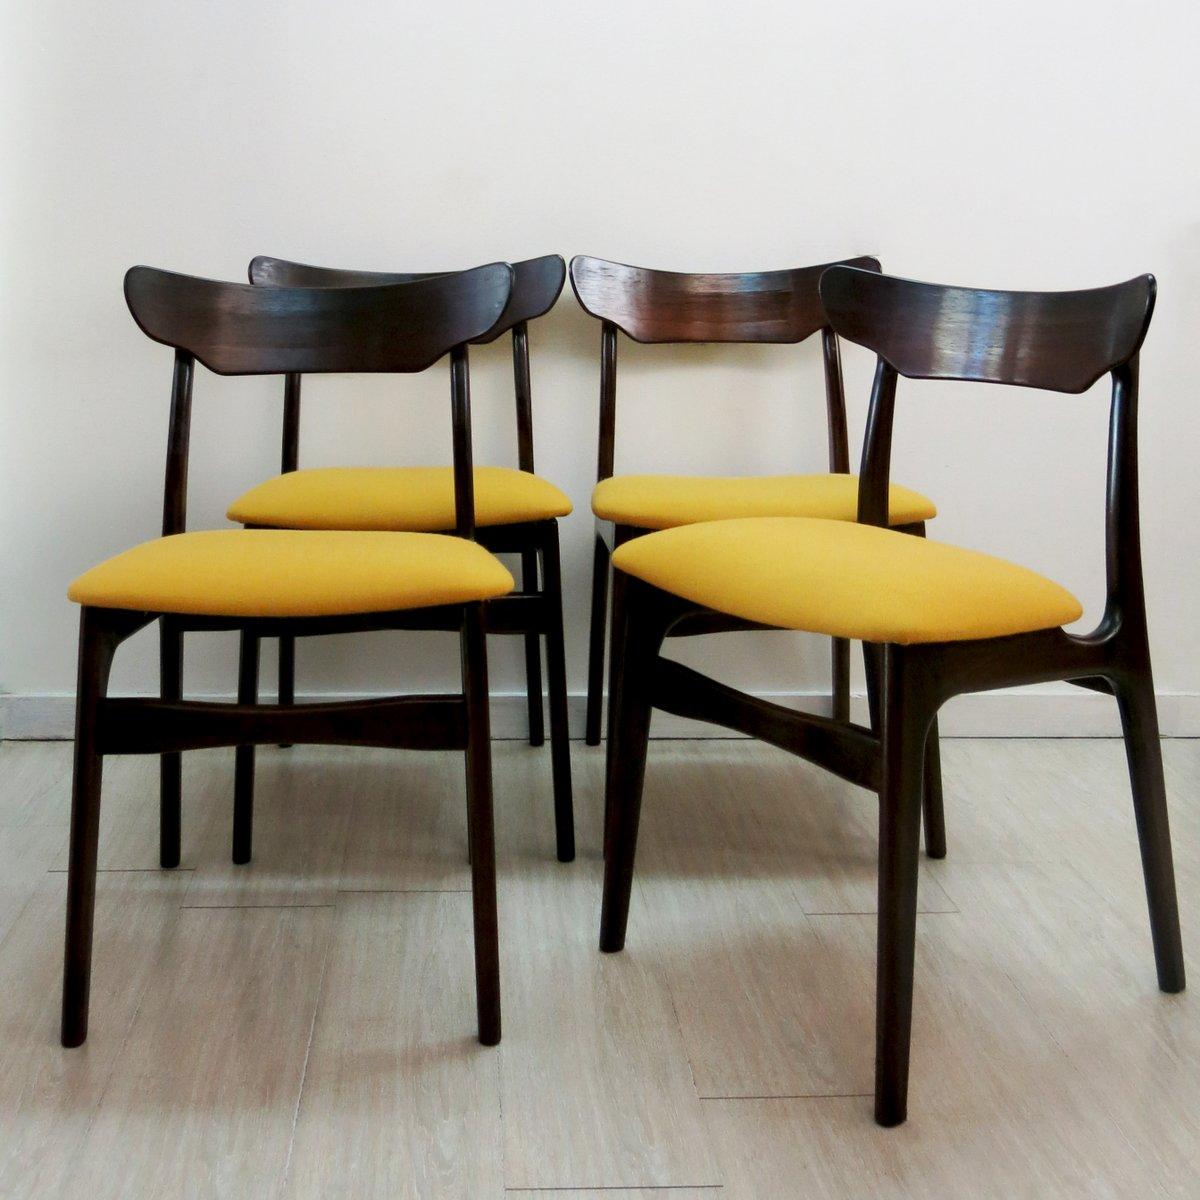 esszimmerst hle von ikea neuesten design. Black Bedroom Furniture Sets. Home Design Ideas